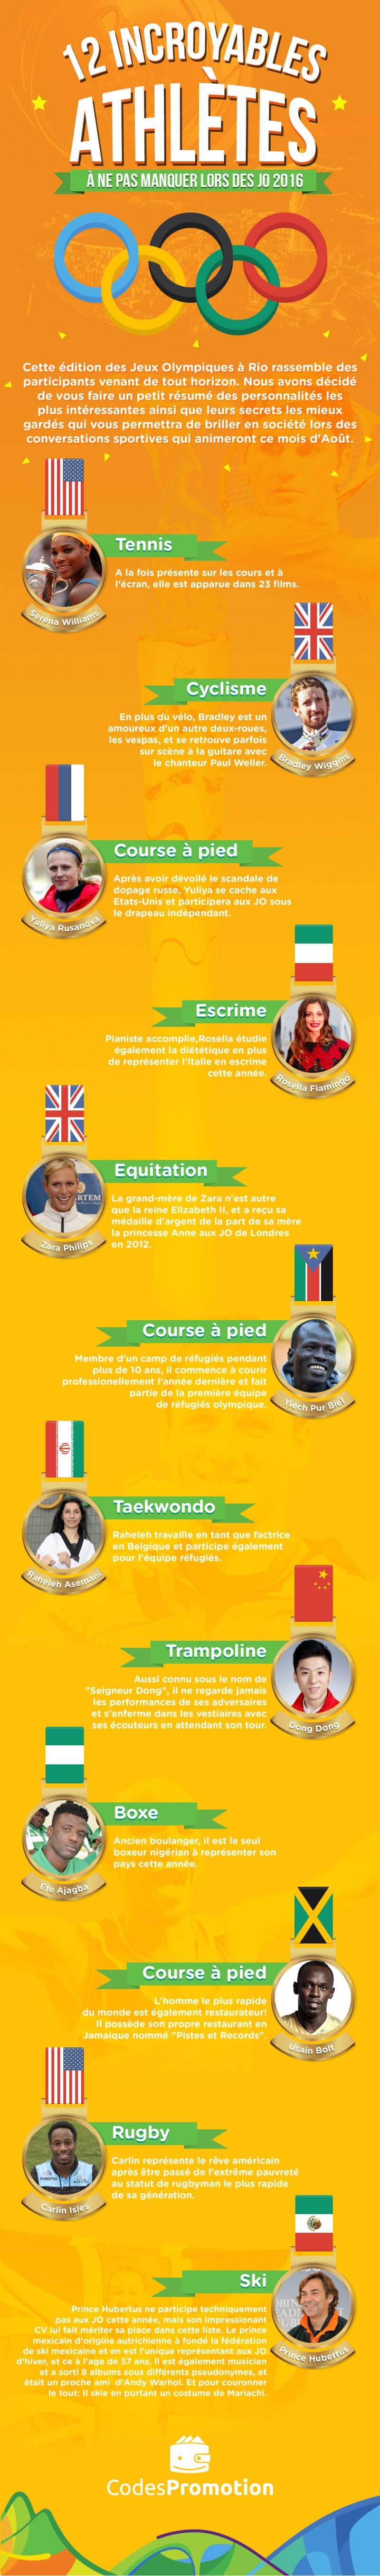 Infographie : 12 incroyables athlètes à ne pas rater lors des JO 2016 à Rio